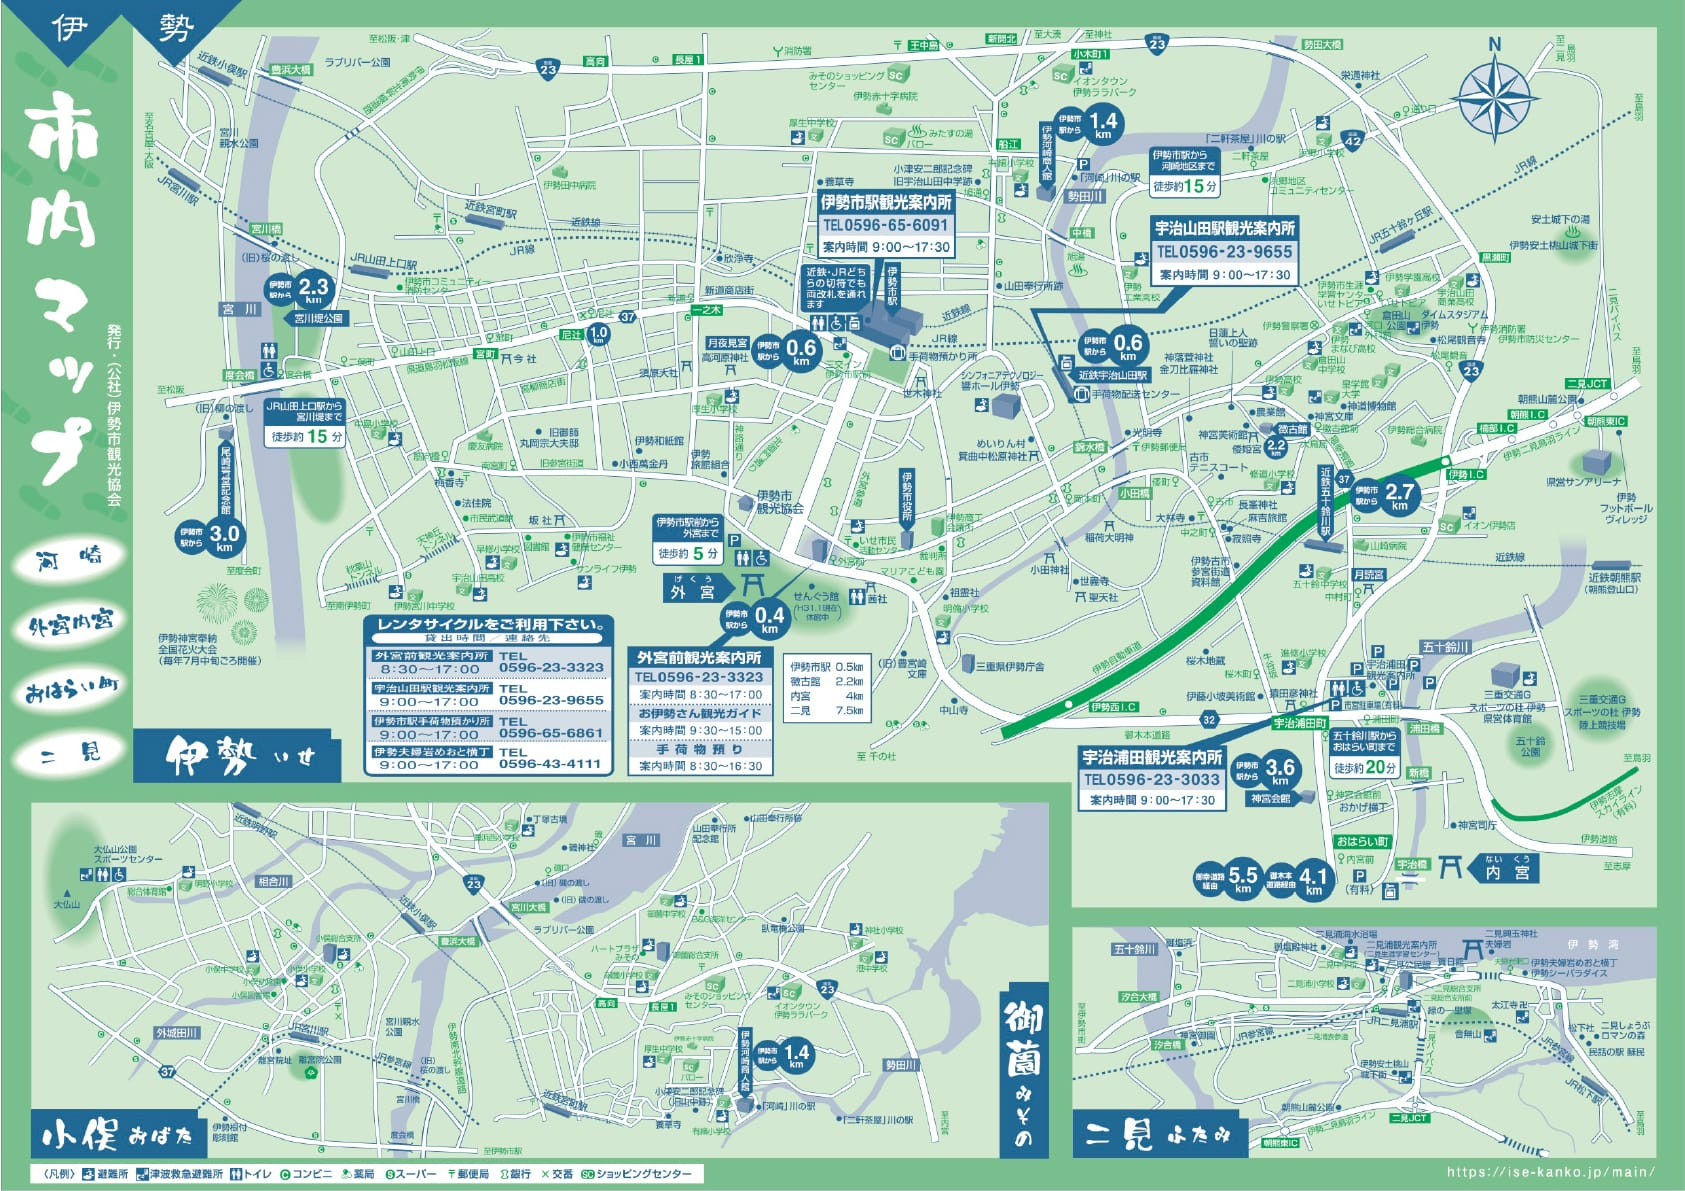 伊勢市内マップ